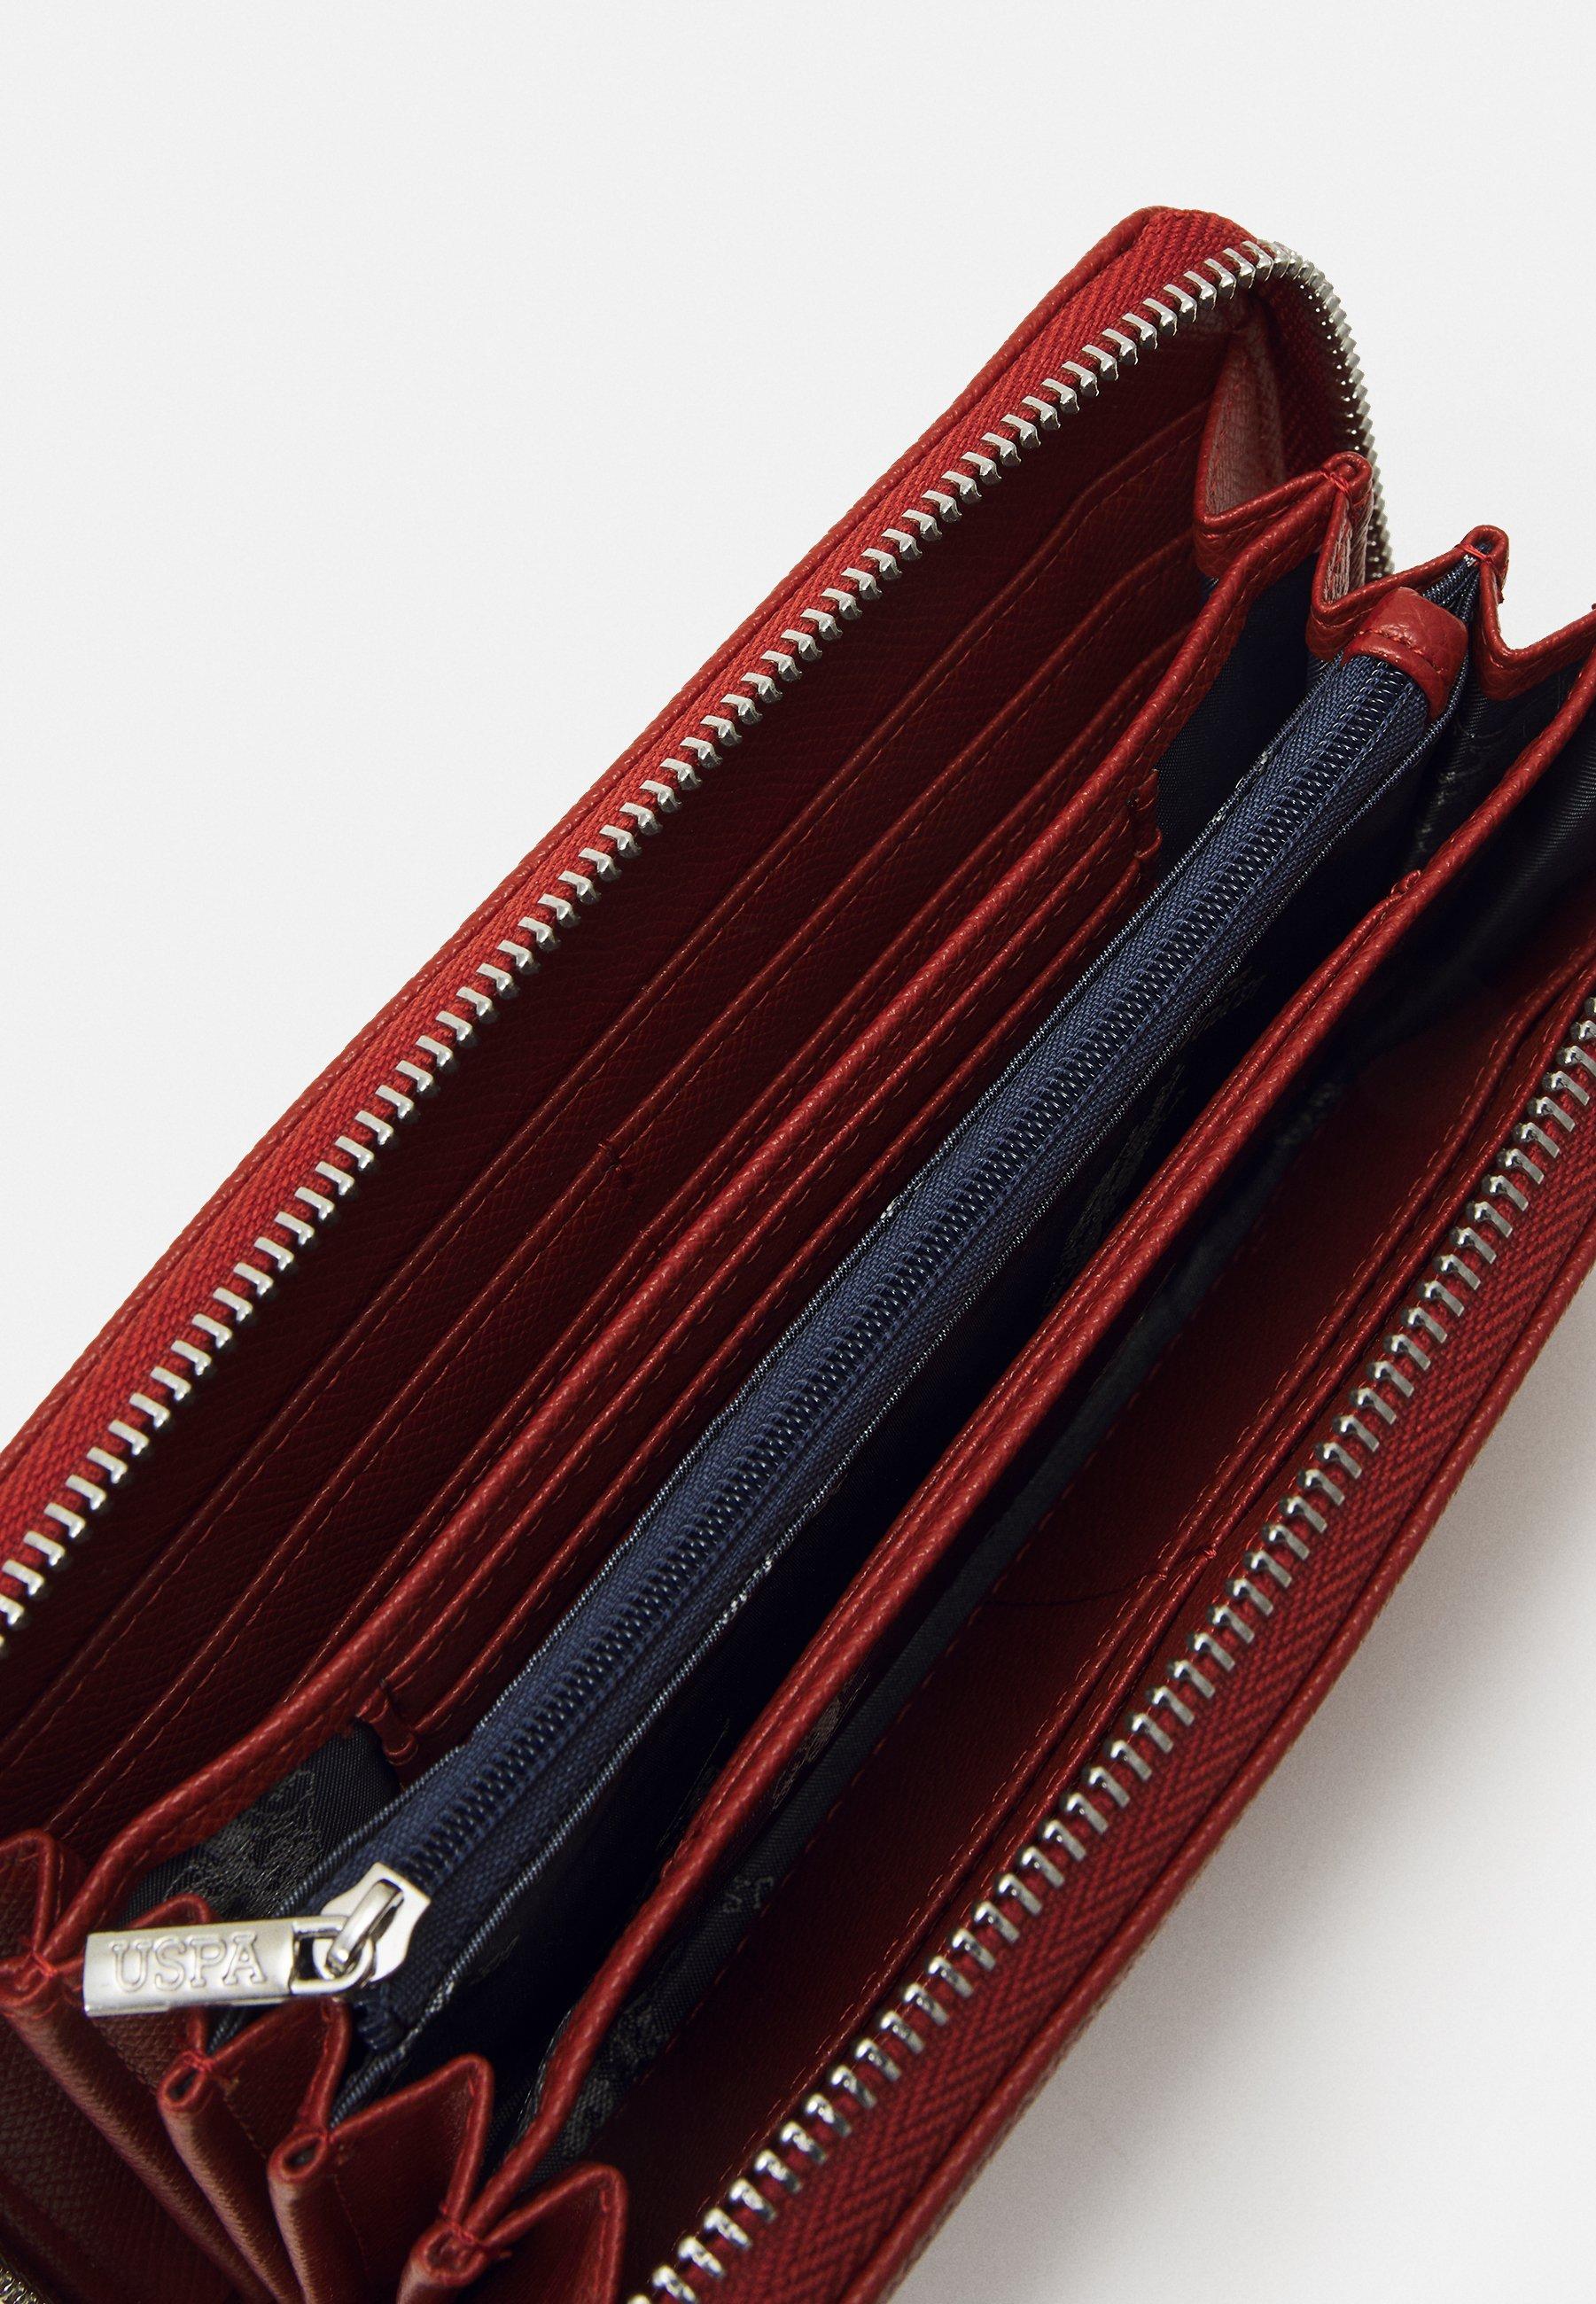 U.S. Polo Assn. JONES L ZIP ARD WALLET - Lommebok - rust/brun lUh4Dr1baATYJIW